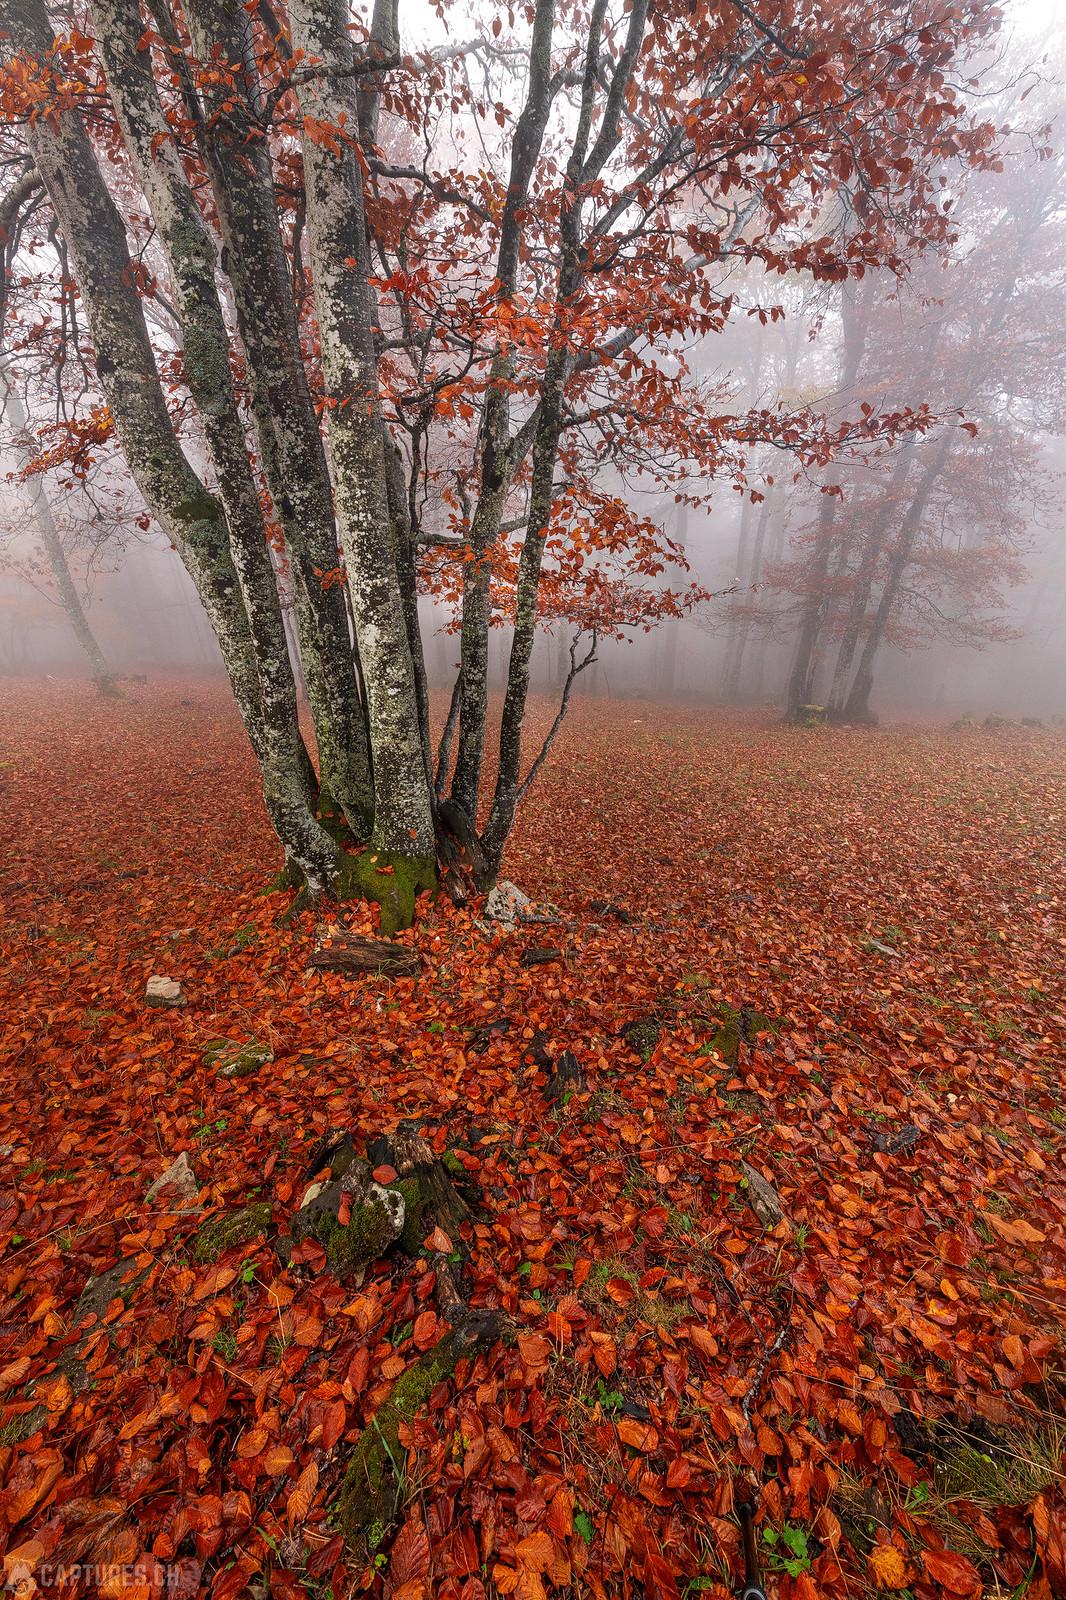 Red carpet in the forest - Weissenstein